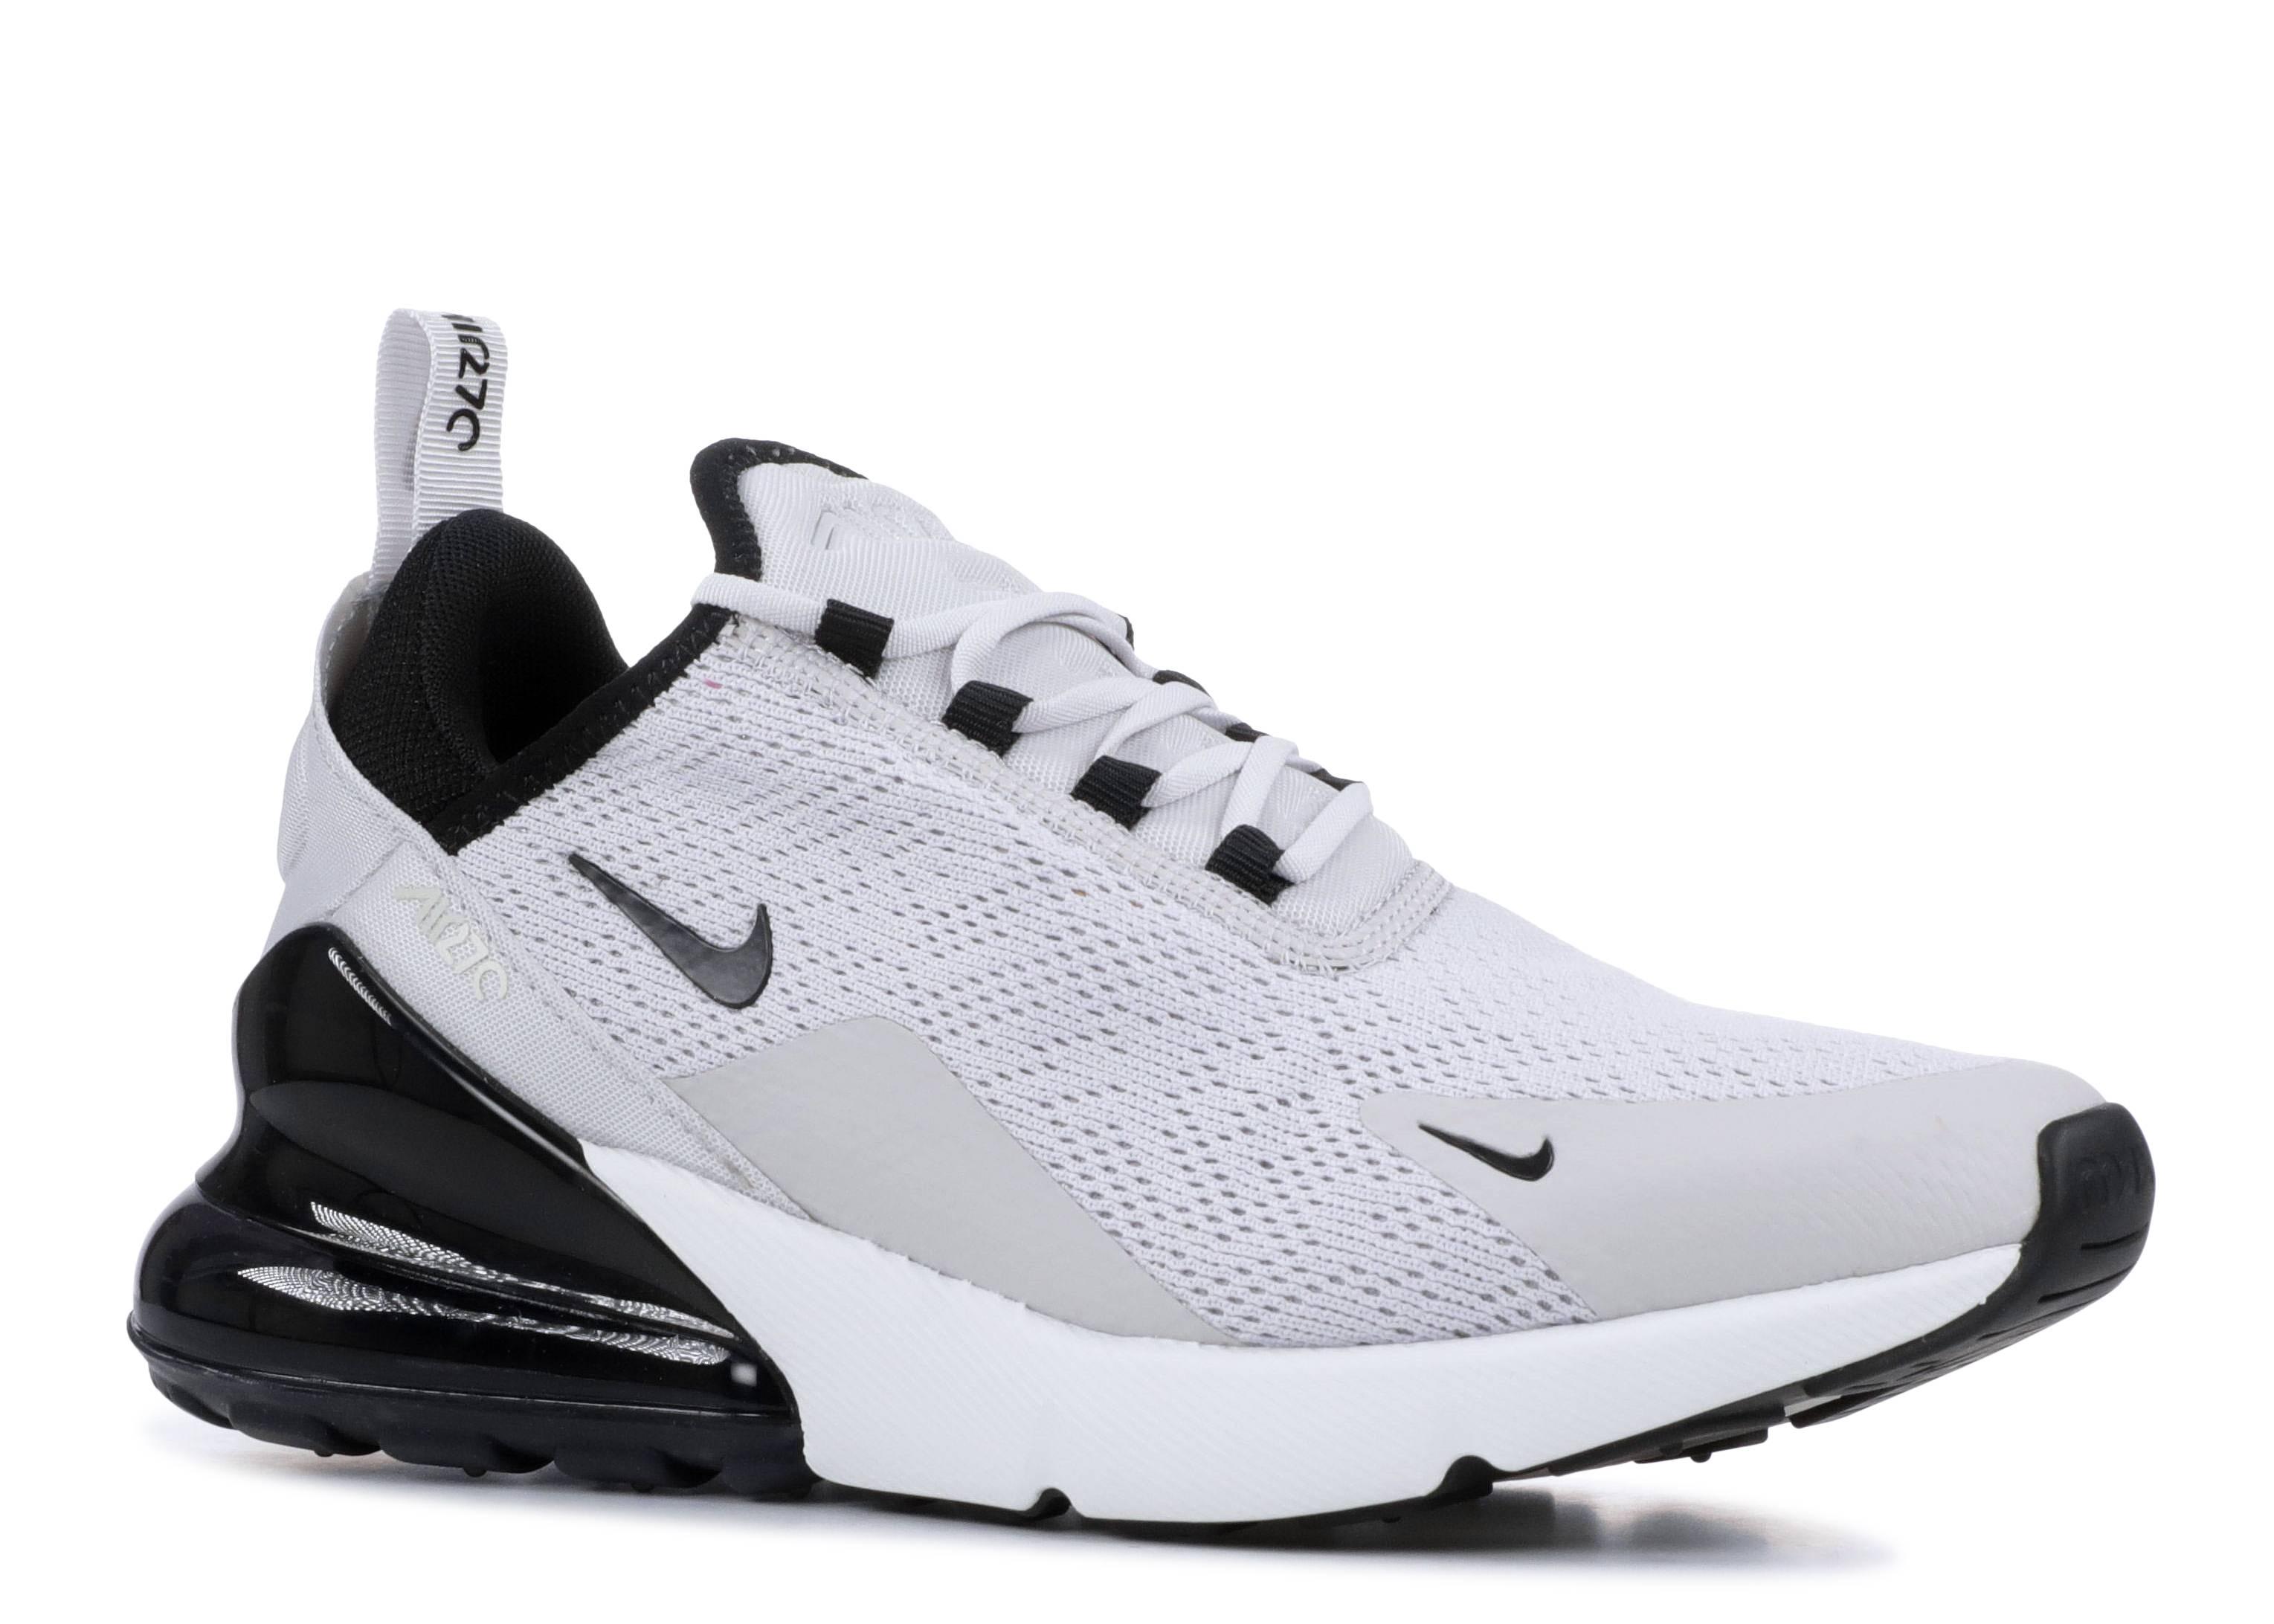 Nike AIR MAX 270 Low Top Sneakers (AH6789 012)